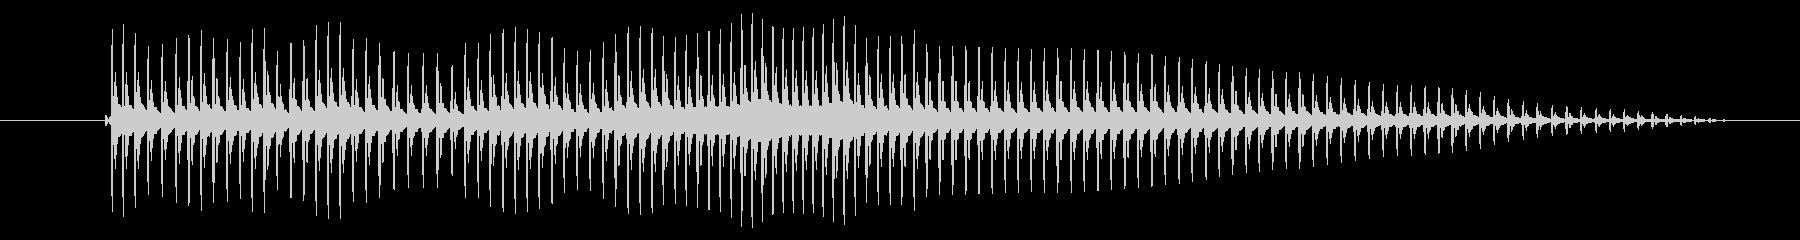 空腹02-3の未再生の波形